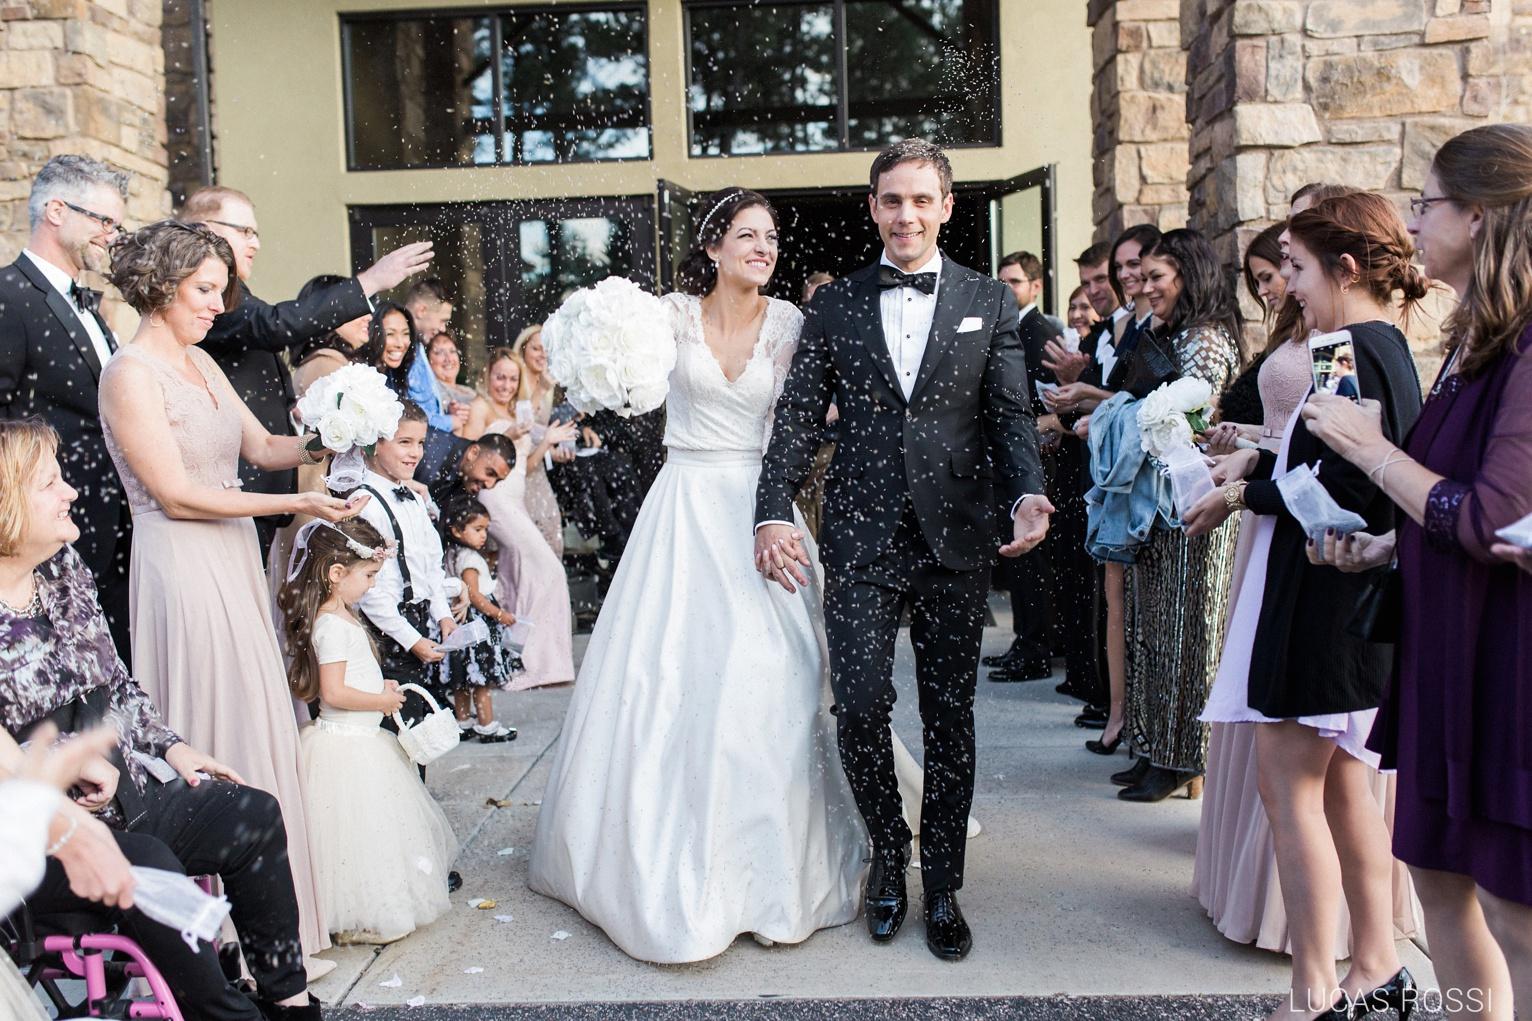 Colorado-wedding-Elizabeth-Jeremy-463